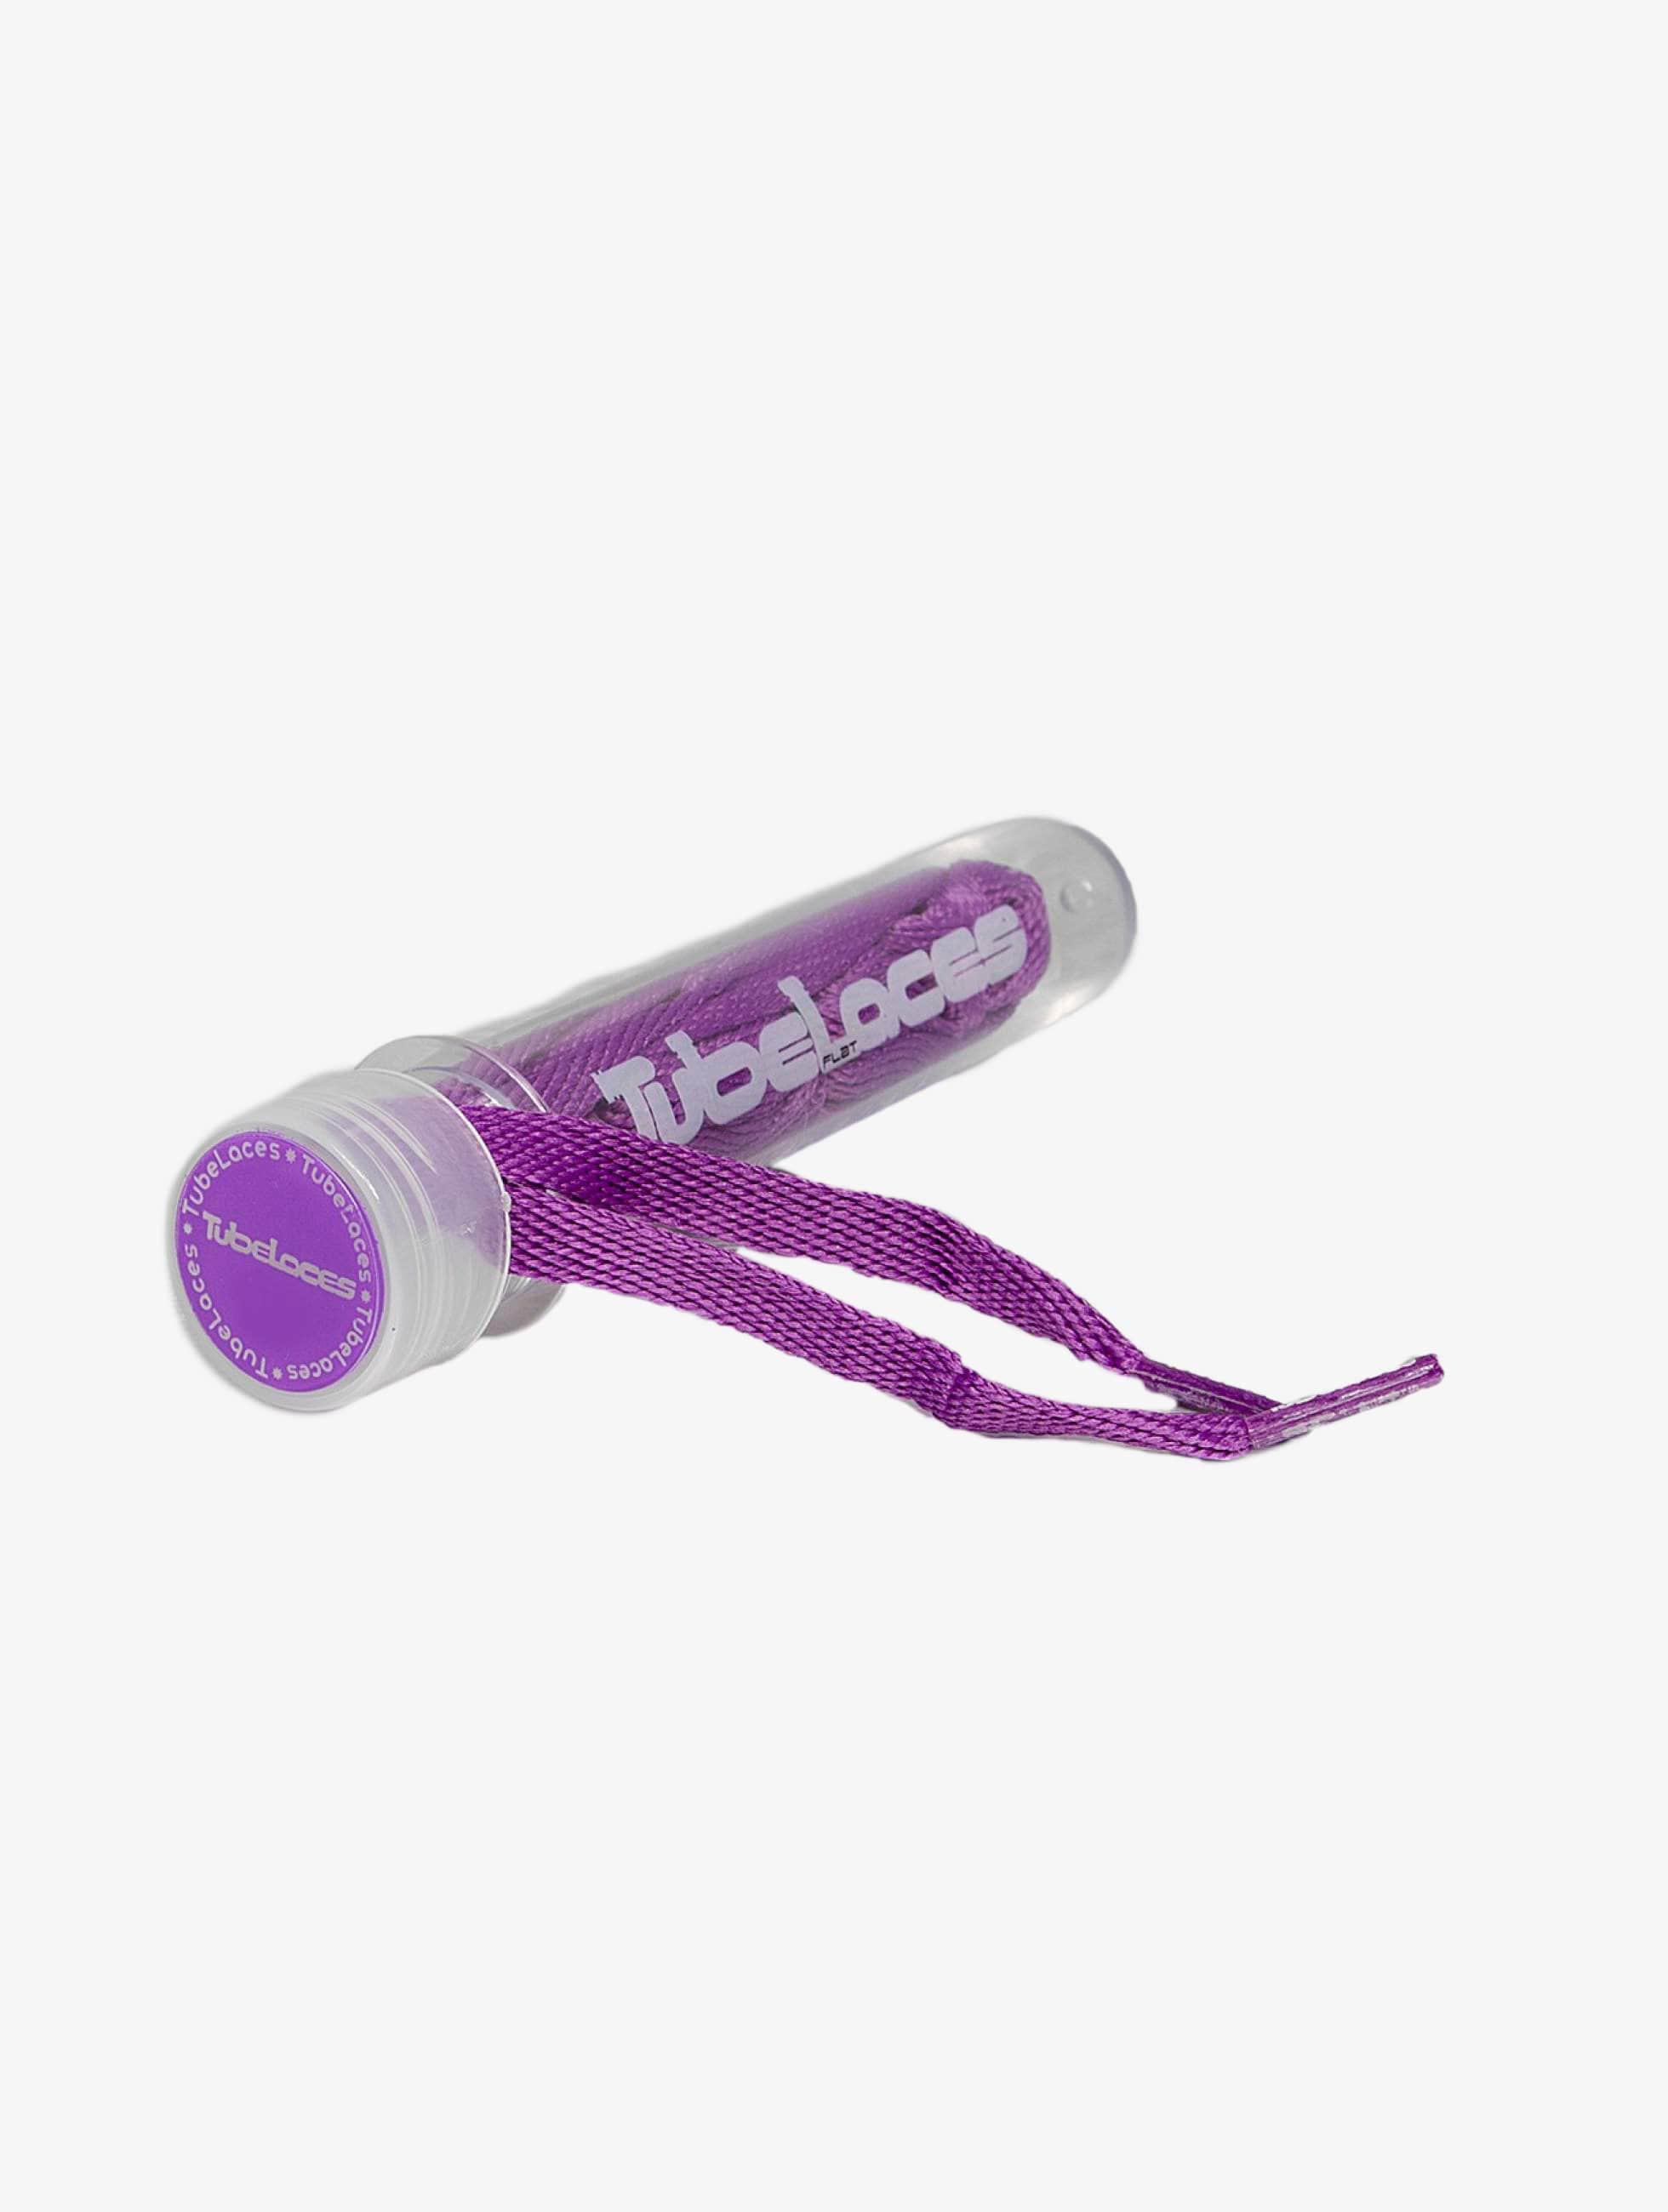 Tubelaces Männer,Frauen Schuhzubehör Flat Laces 140cm in violet